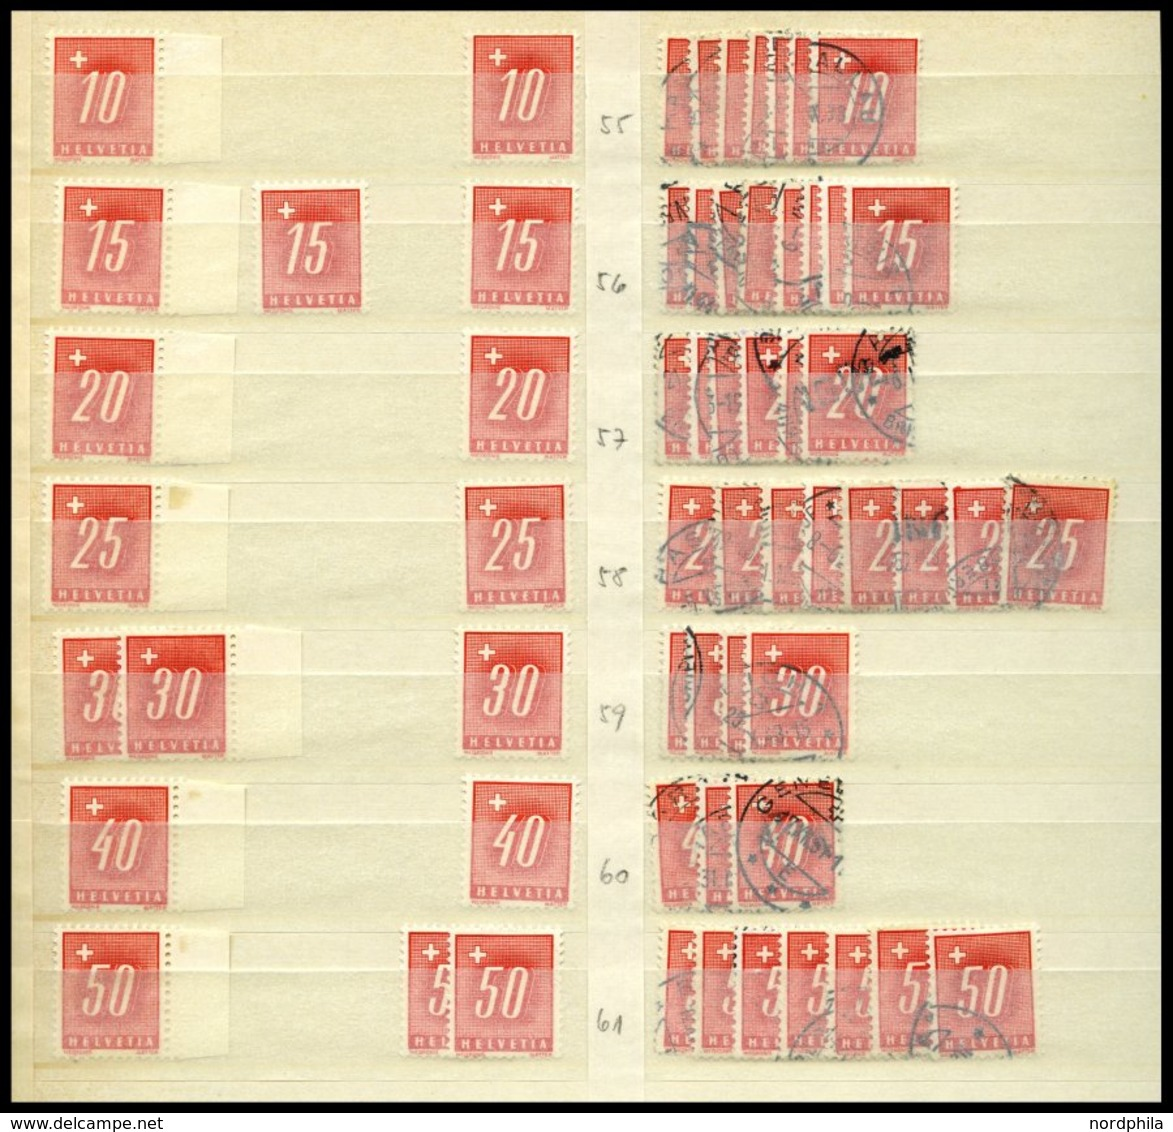 PORTOMARKEN O,*,** , Kleine Dublettenpartie Portomarken Von 1910-38, Fast Nur Prachterhaltung, Mi. 550.- - Postage Due